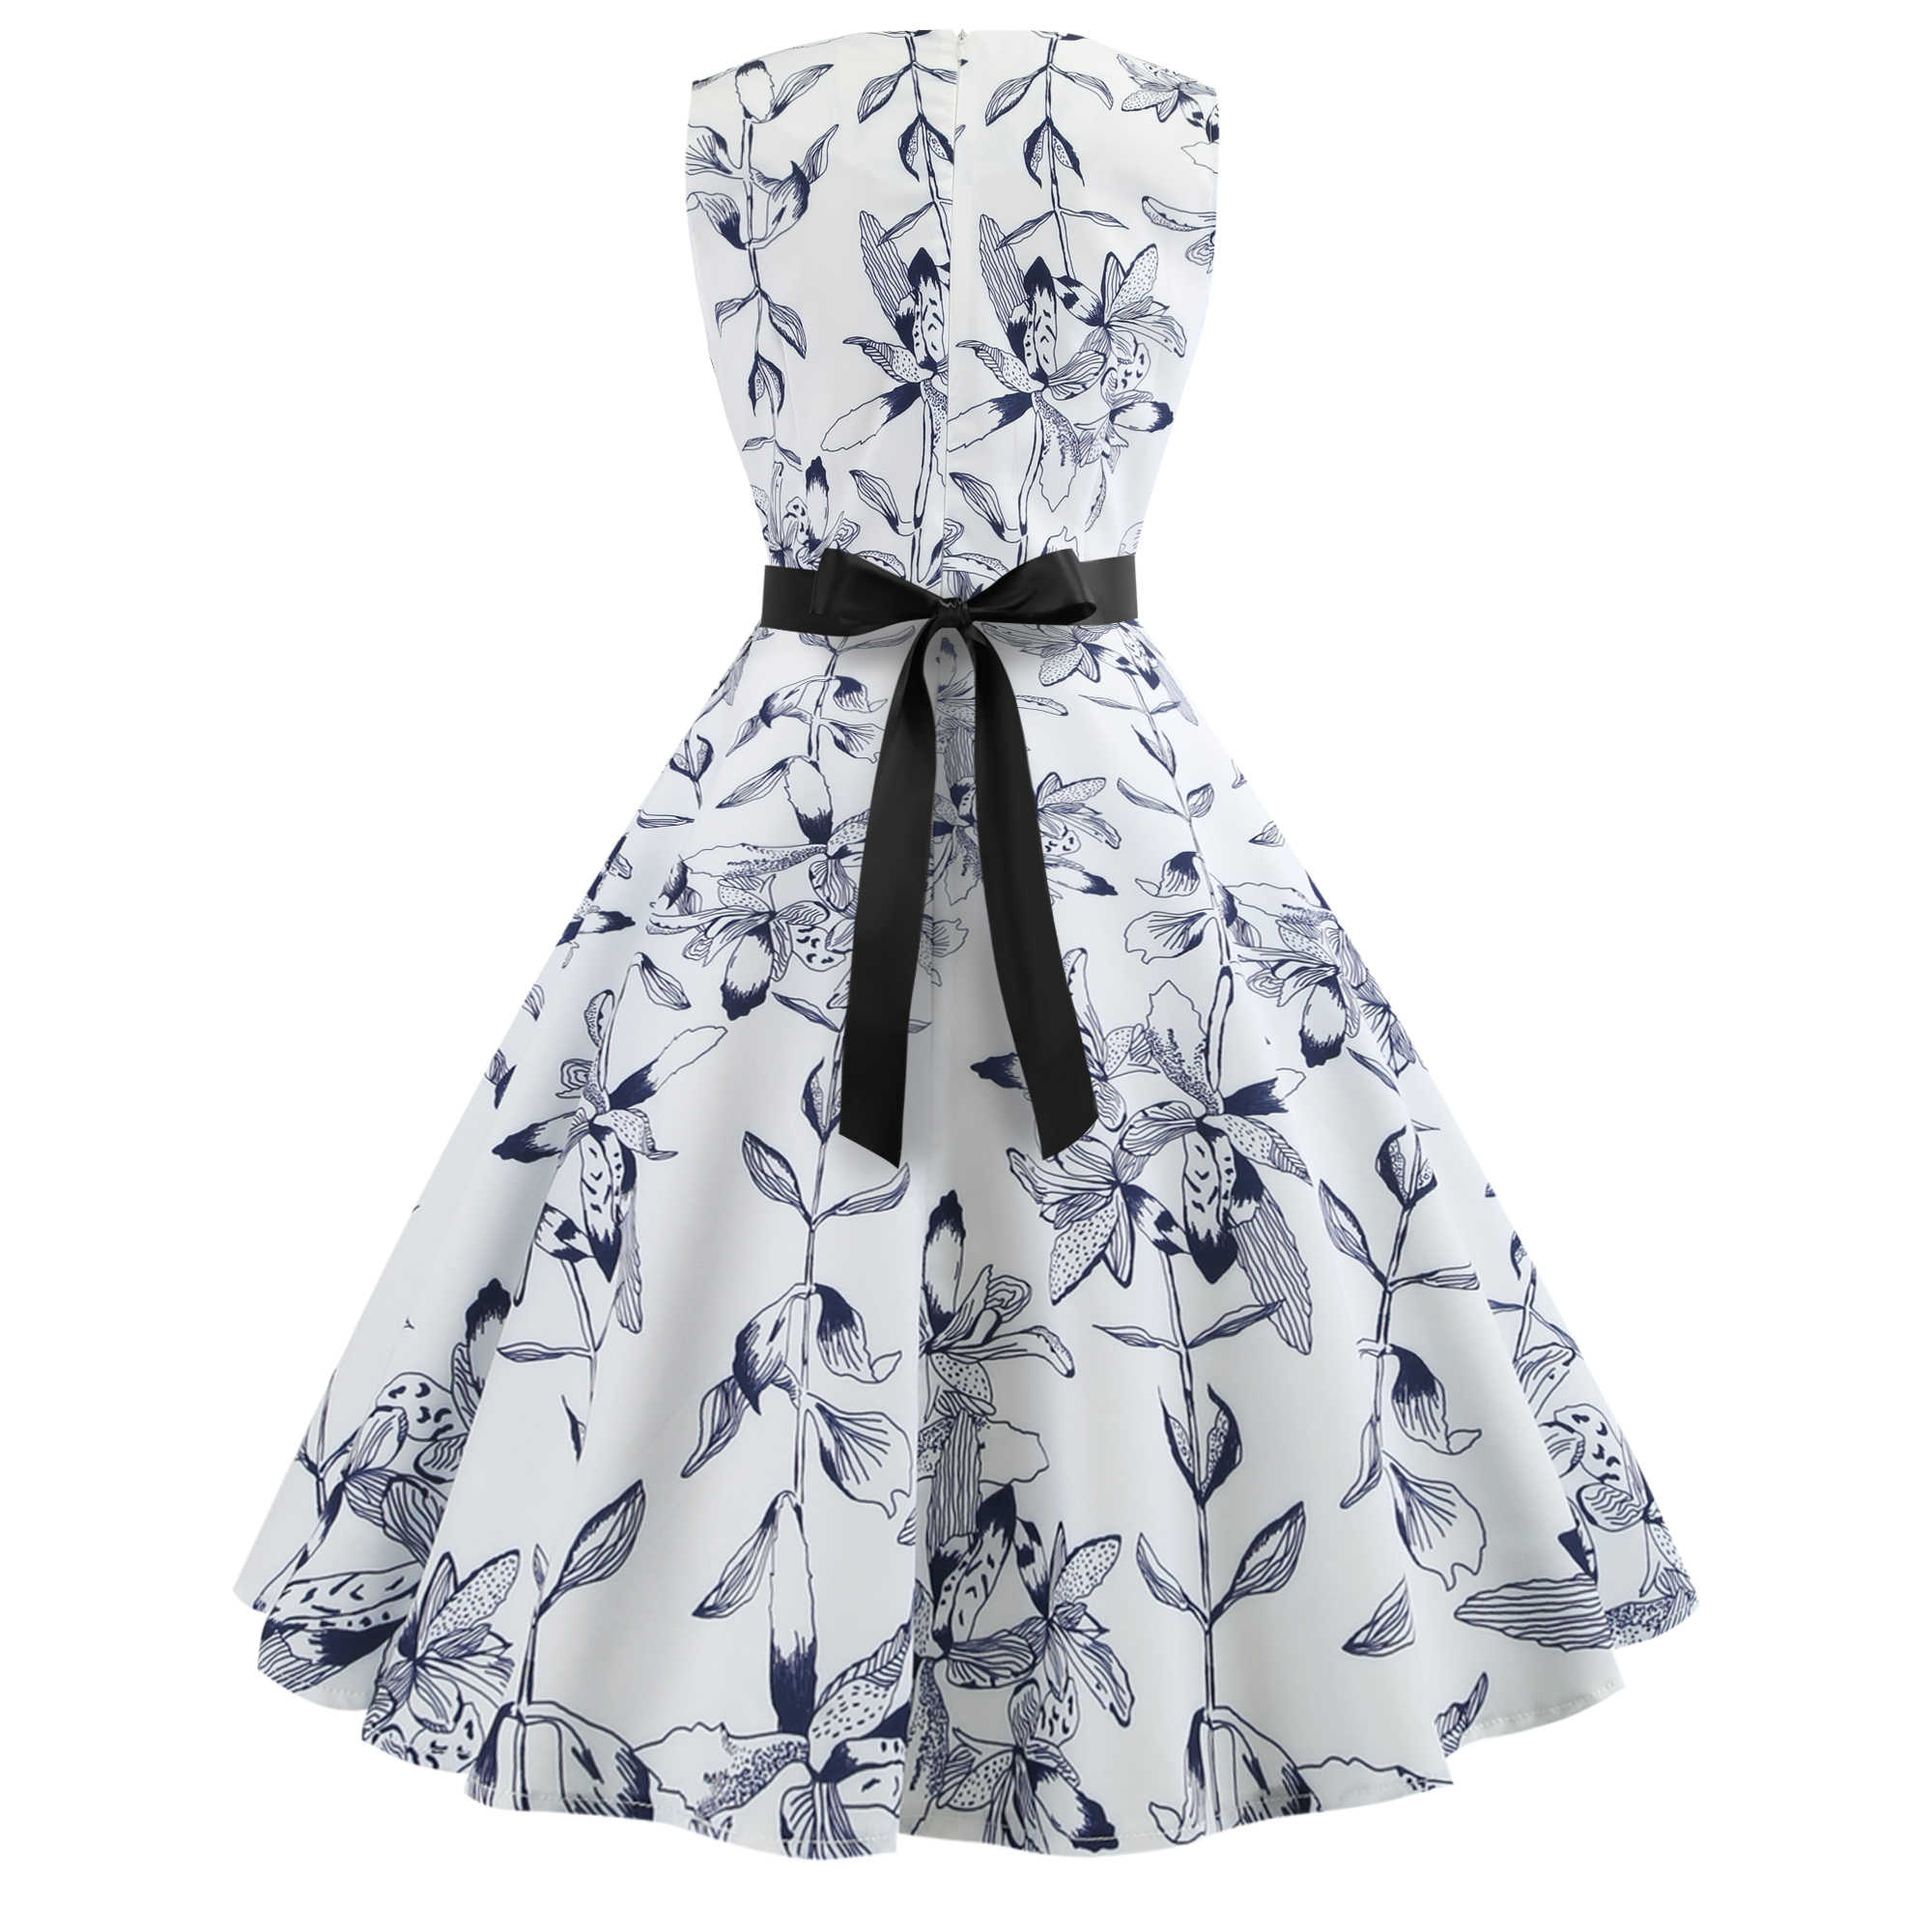 Bebovisi/модное женское винтажное платье 2019 года, белое летнее платье с цветочным принтом, Хепберн, 50 s, ретро вечерние платья без рукавов, Бандажное платье